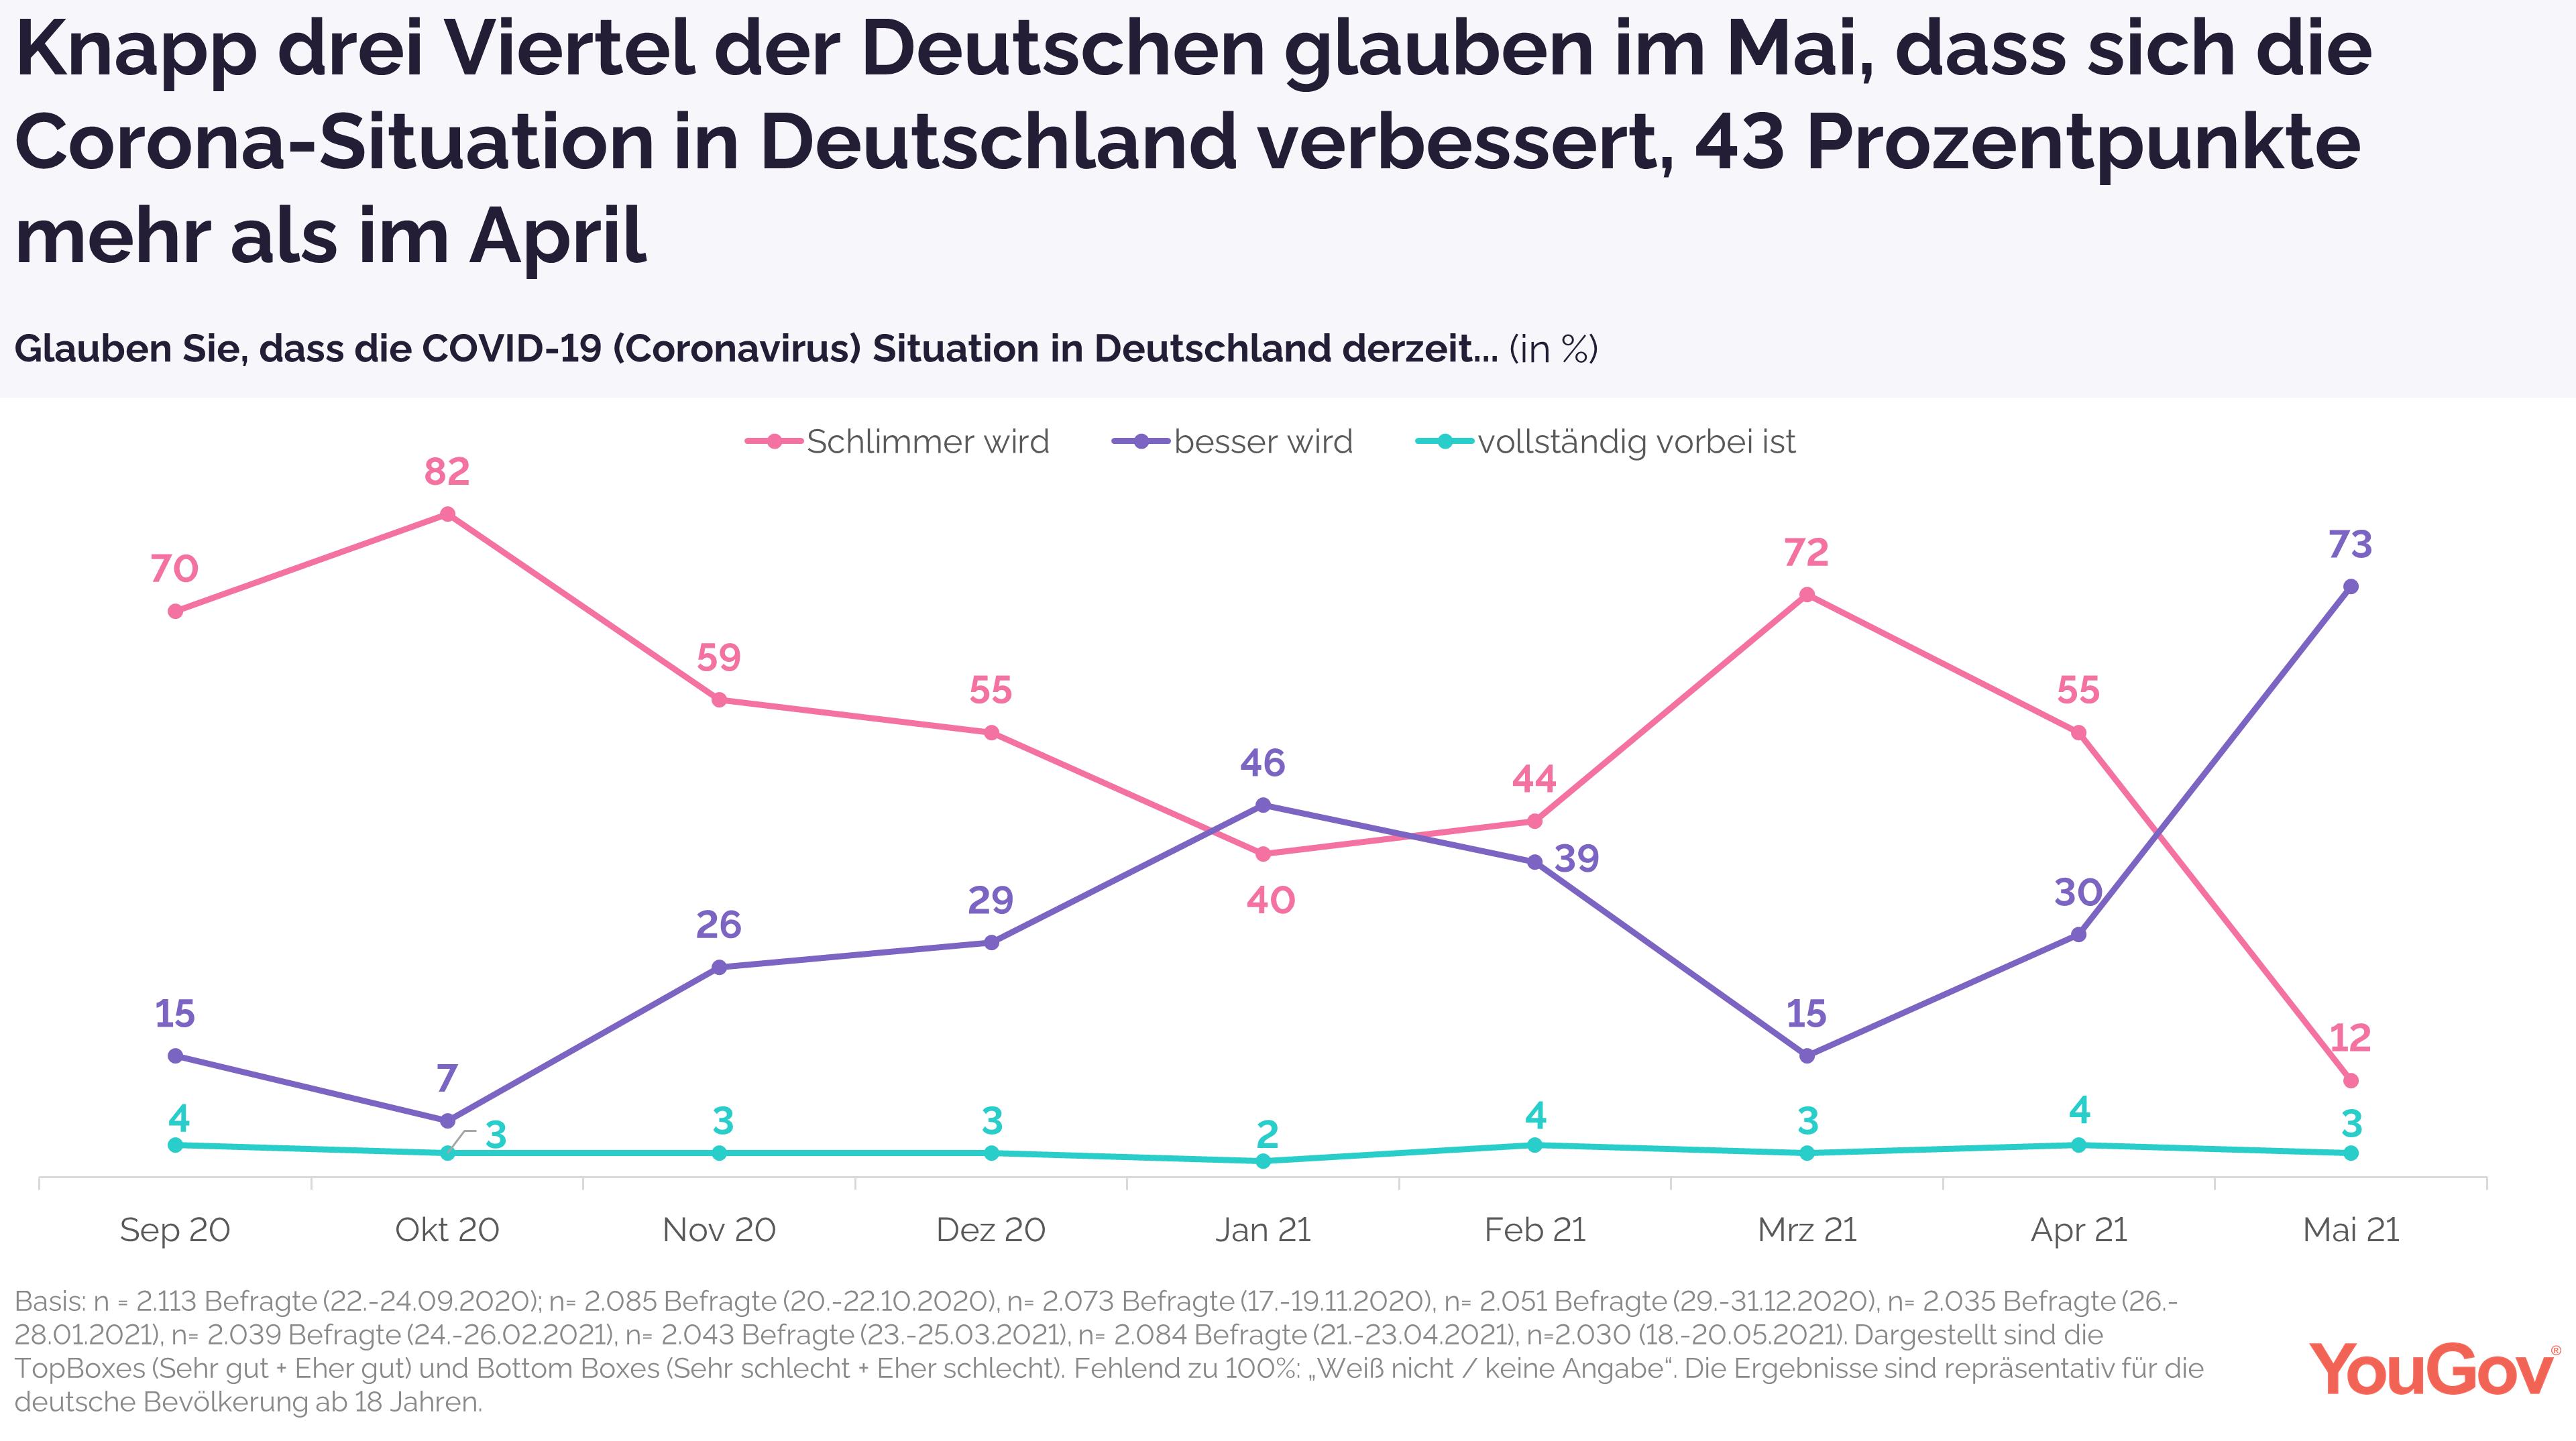 Verbesserung der Corona-Situation in Deutschland im Zeitverlauf